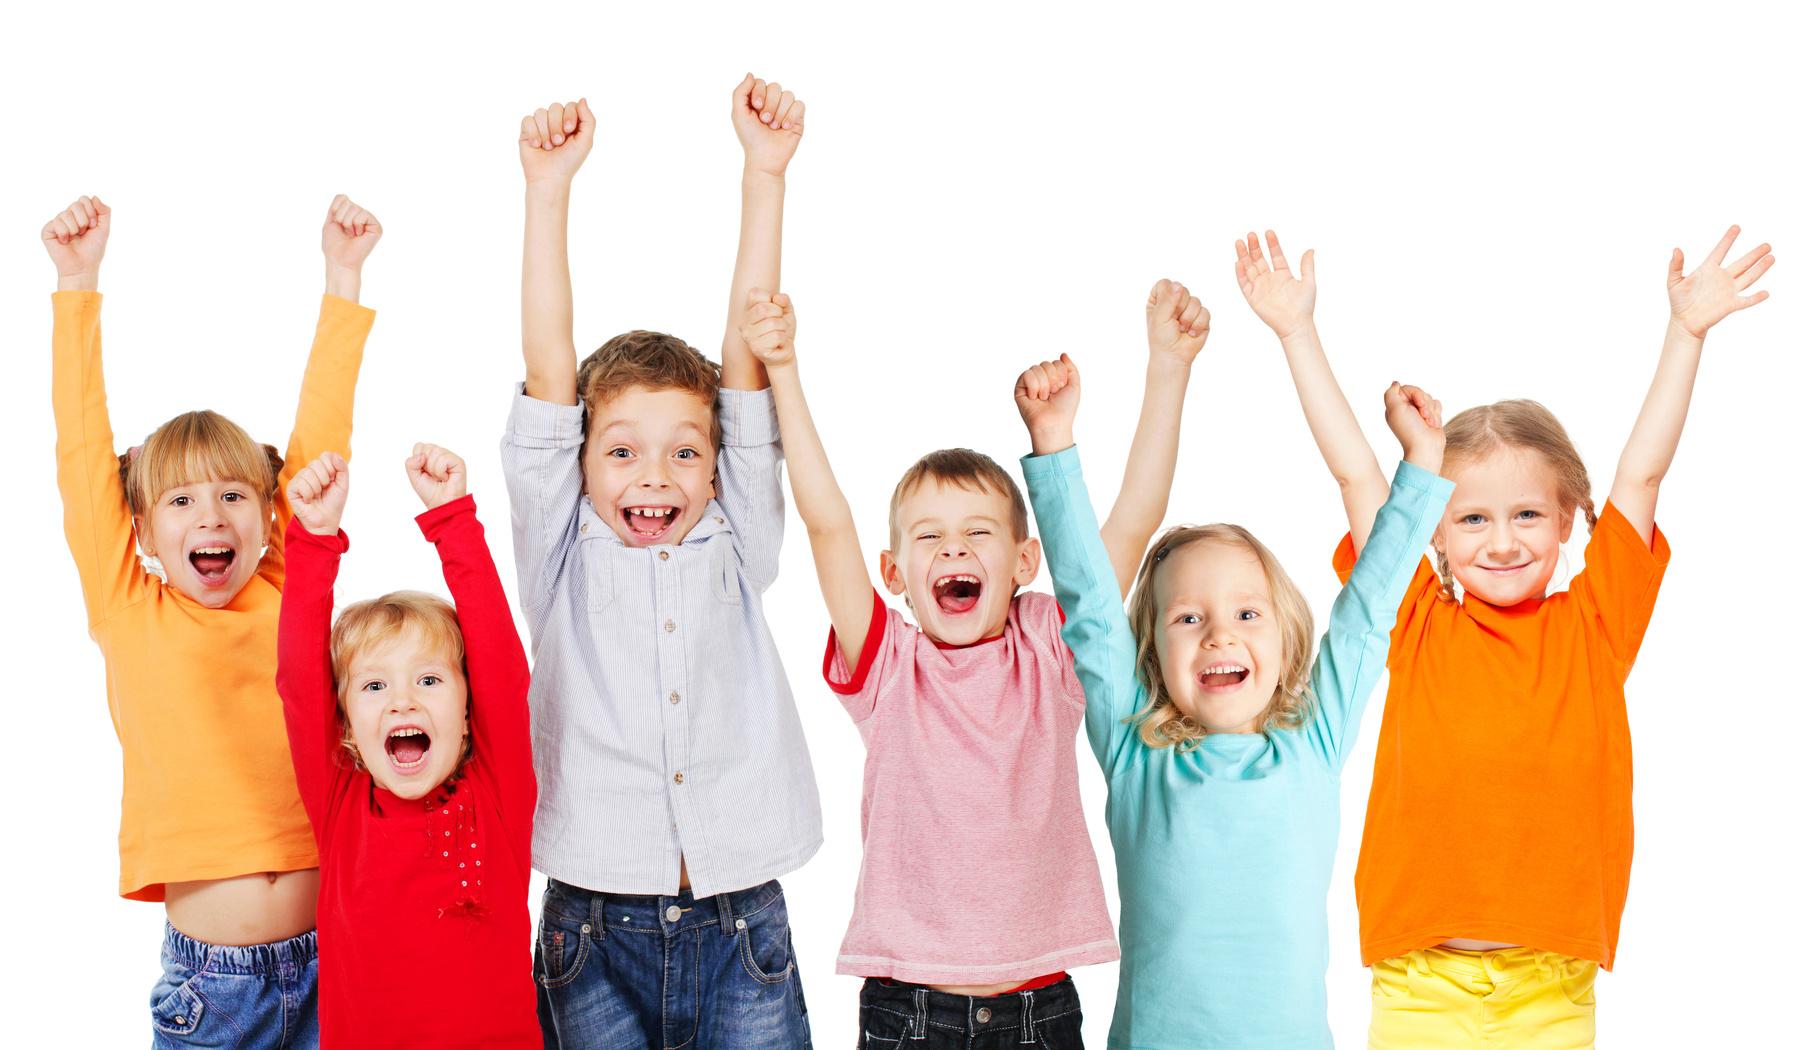 Elicottero Immagini Per Bambini : I bambini cosa dice la bibbia cristiani evangelici